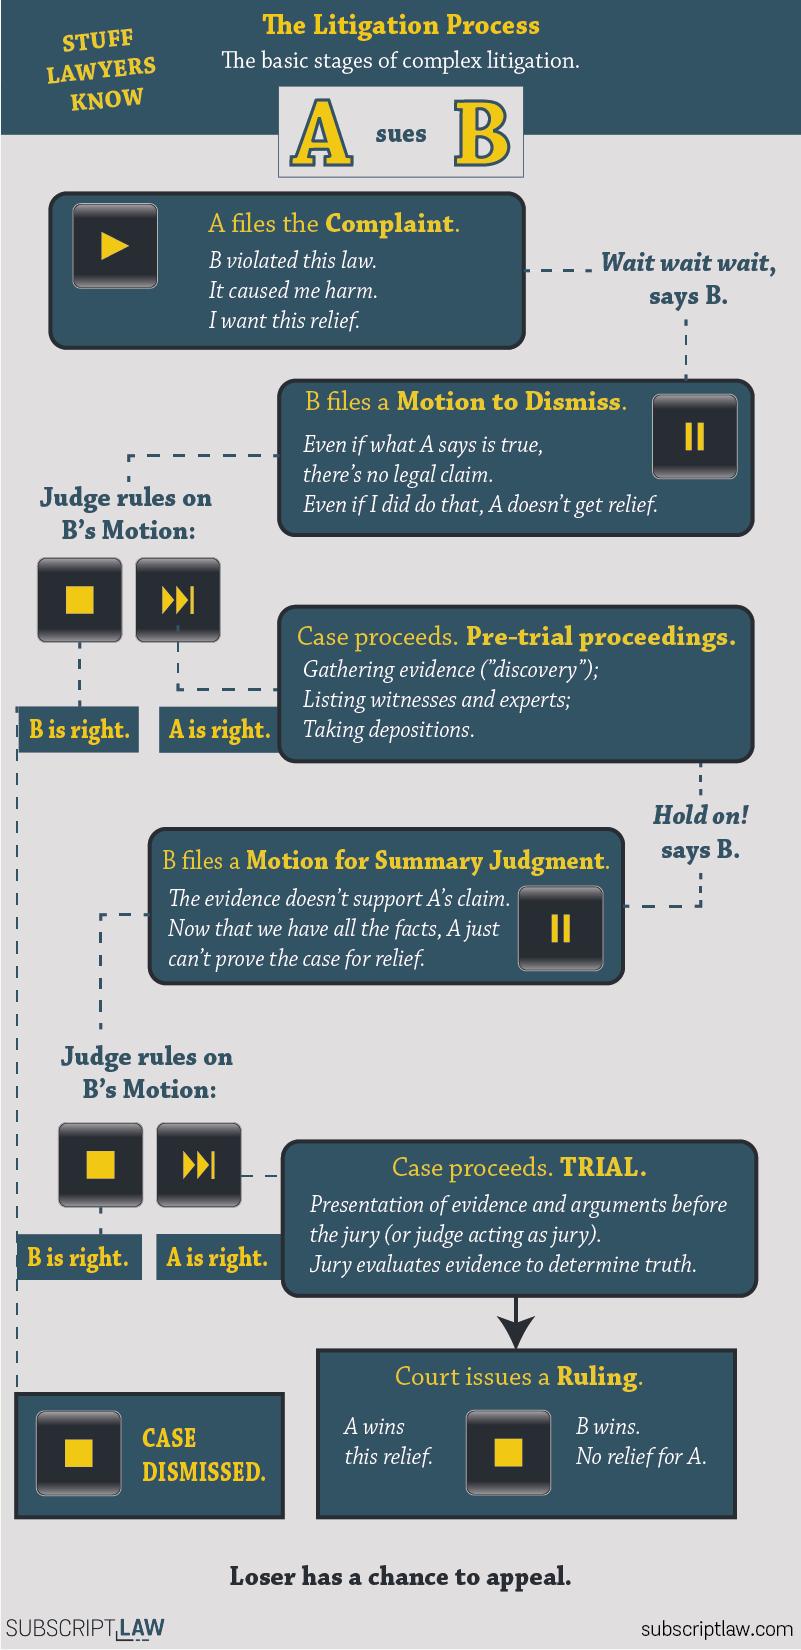 LitigationProcess